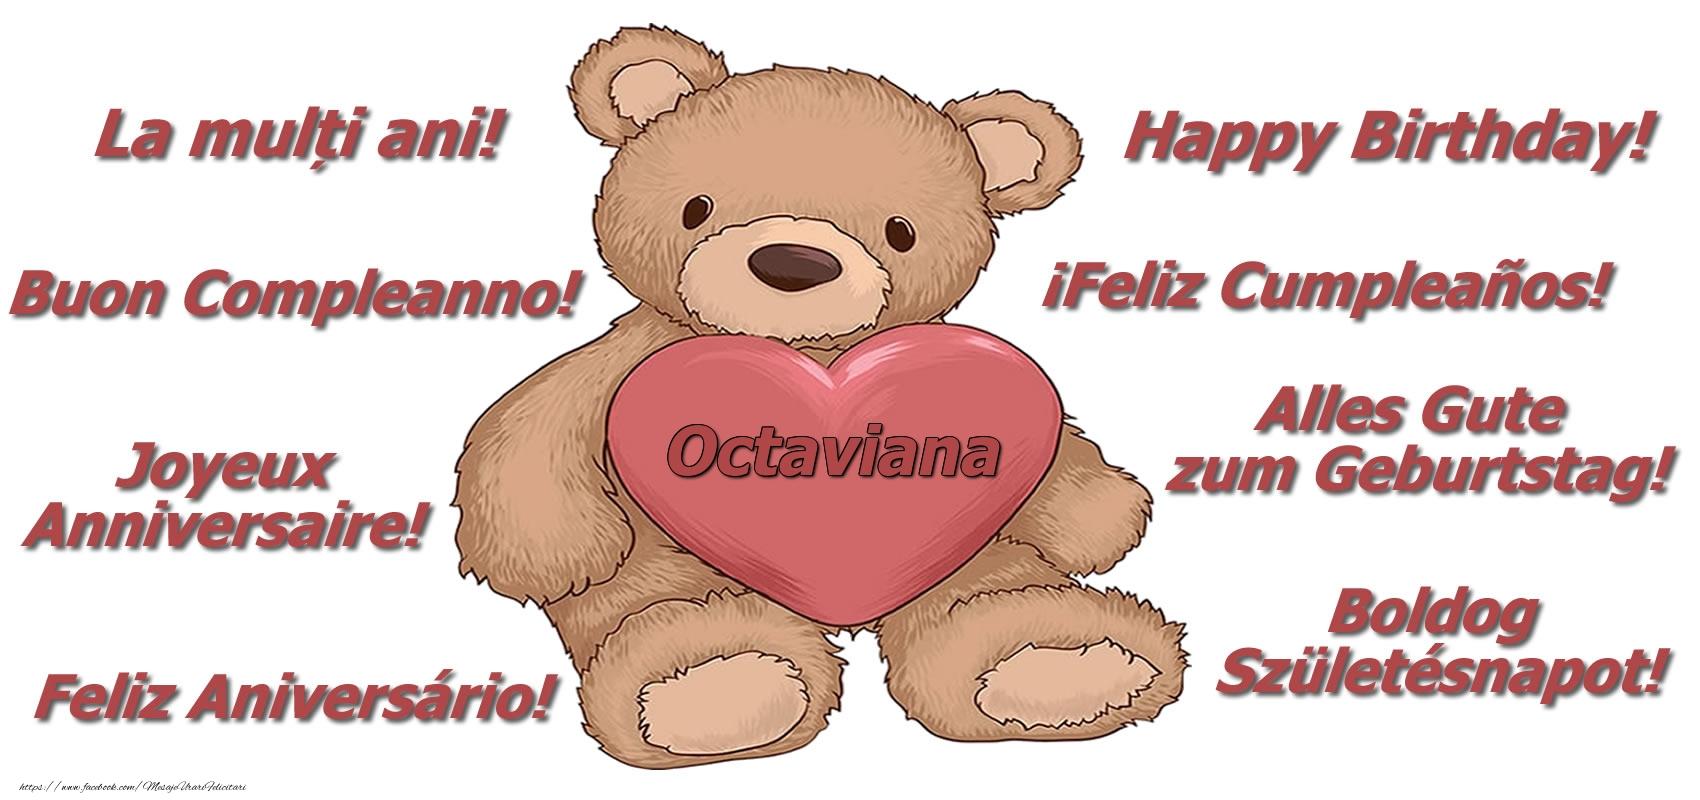 Felicitari de zi de nastere - La multi ani Octaviana! - Ursulet